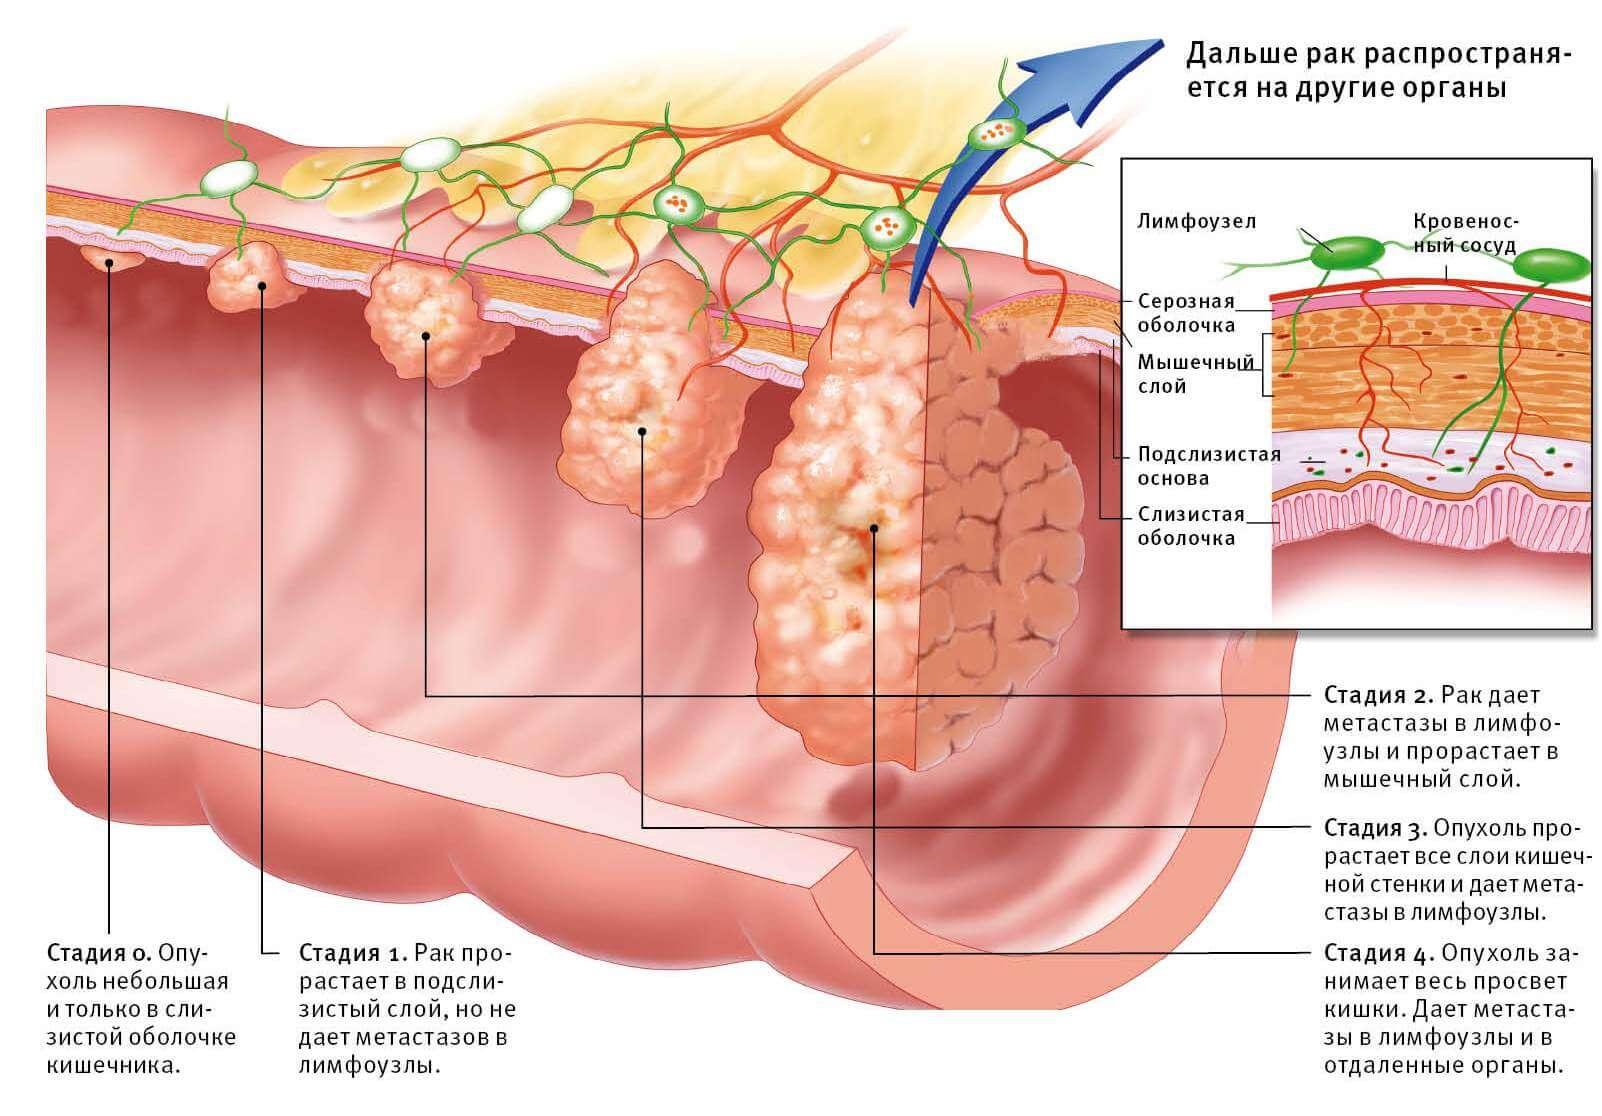 симптомы и стадии рака толстого кишечника